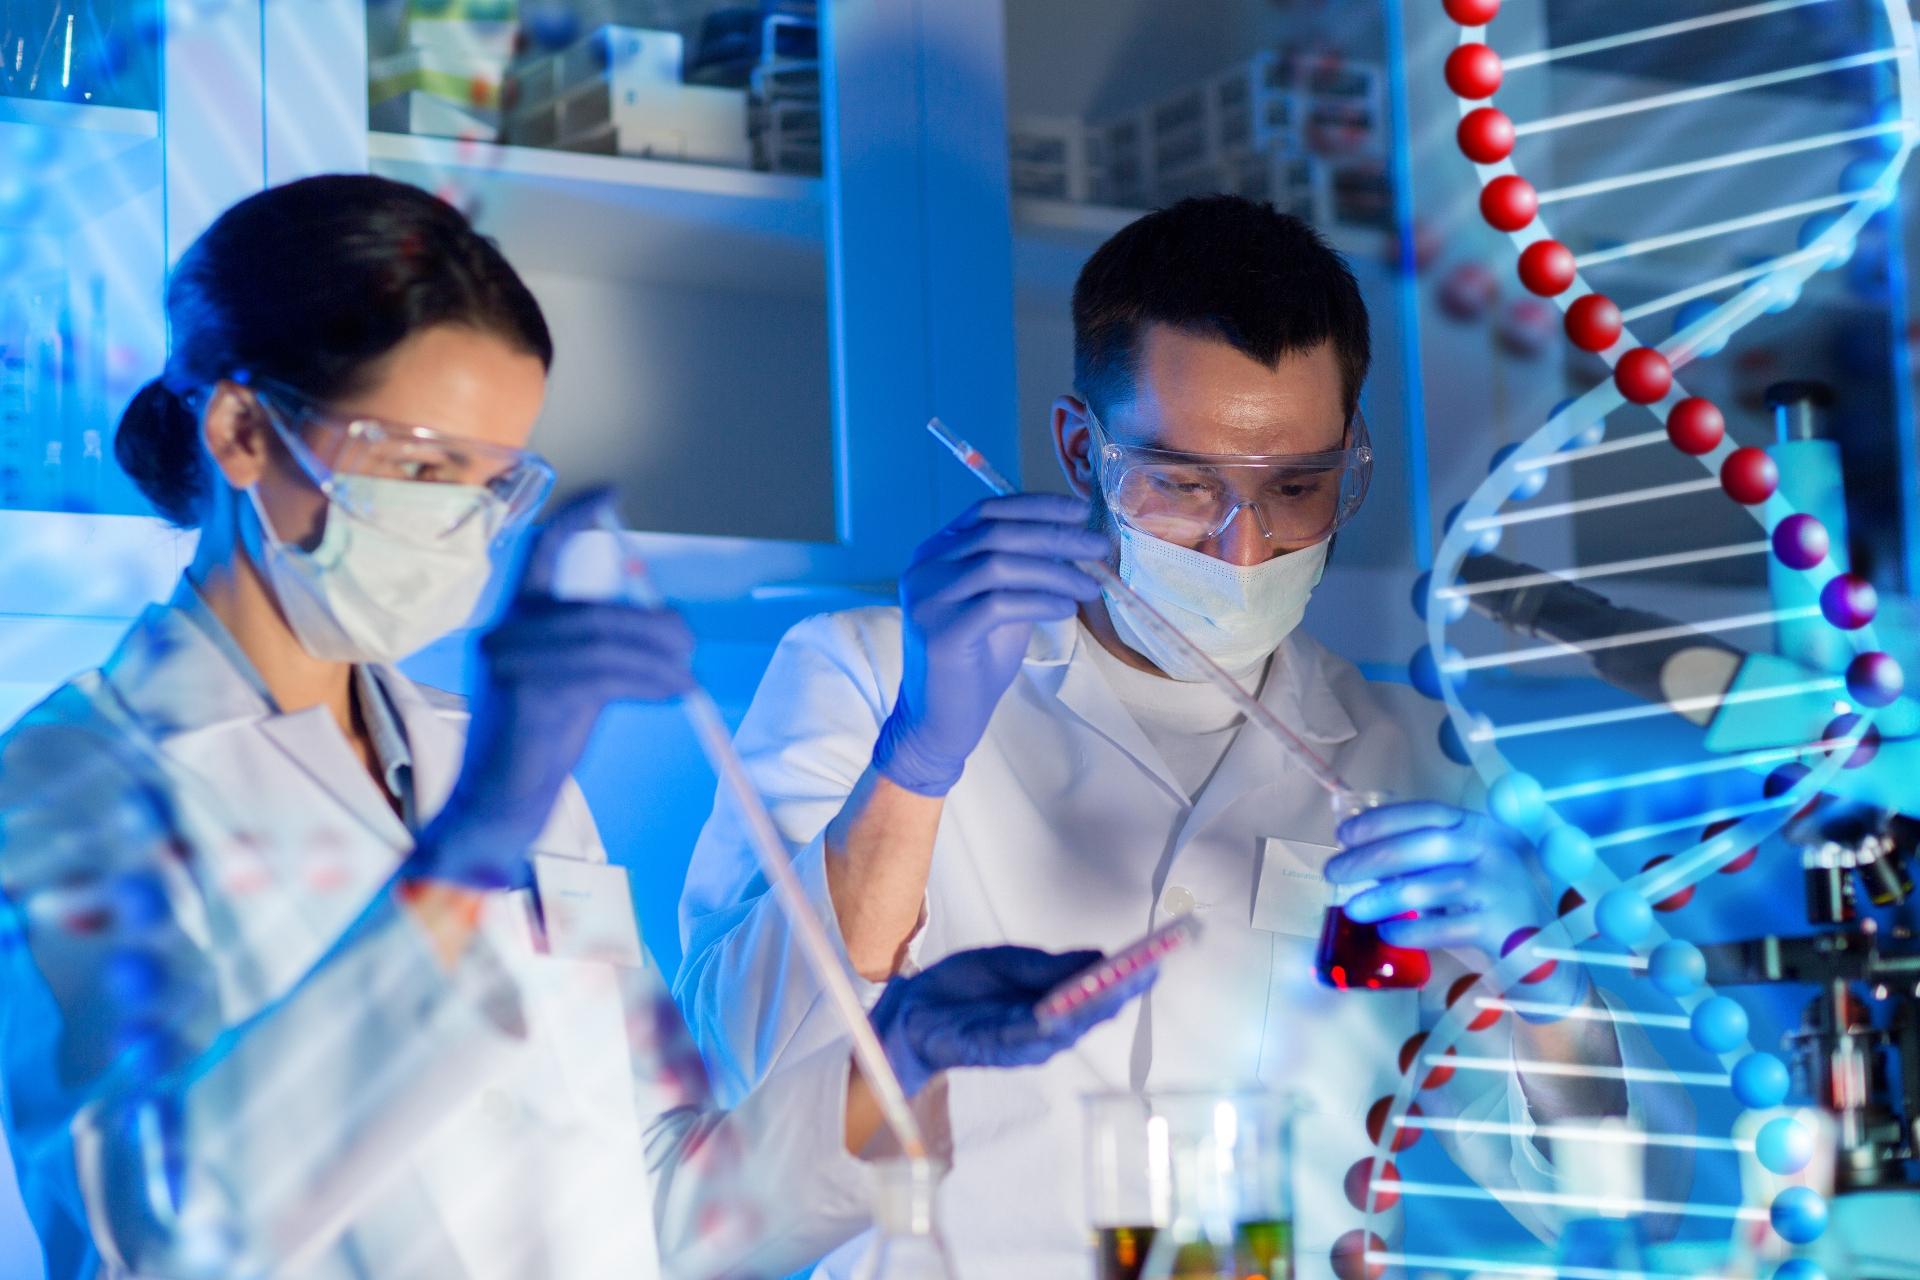 Medicina personalizada tratamento individualizado